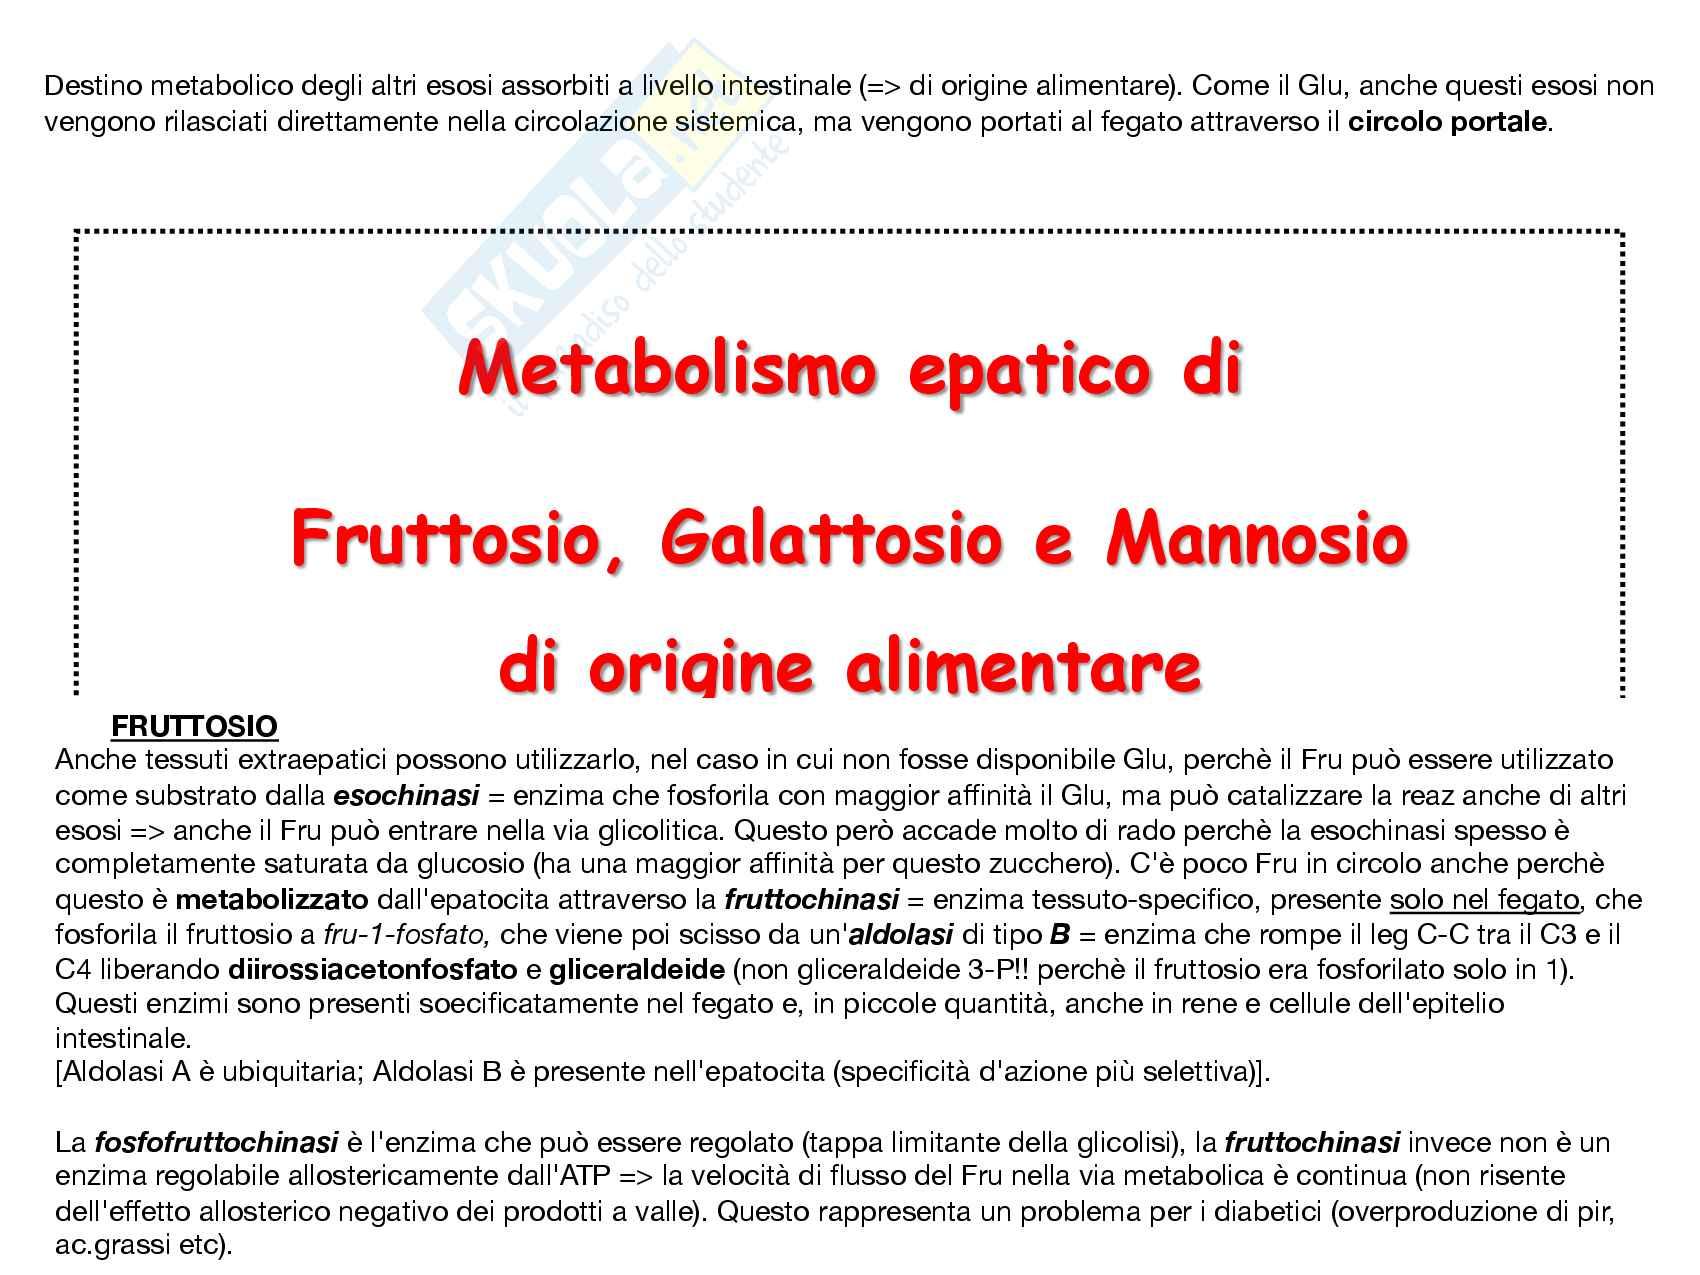 4 Metabolismo epatico, Fruttosio, Galattosio e Mannosio